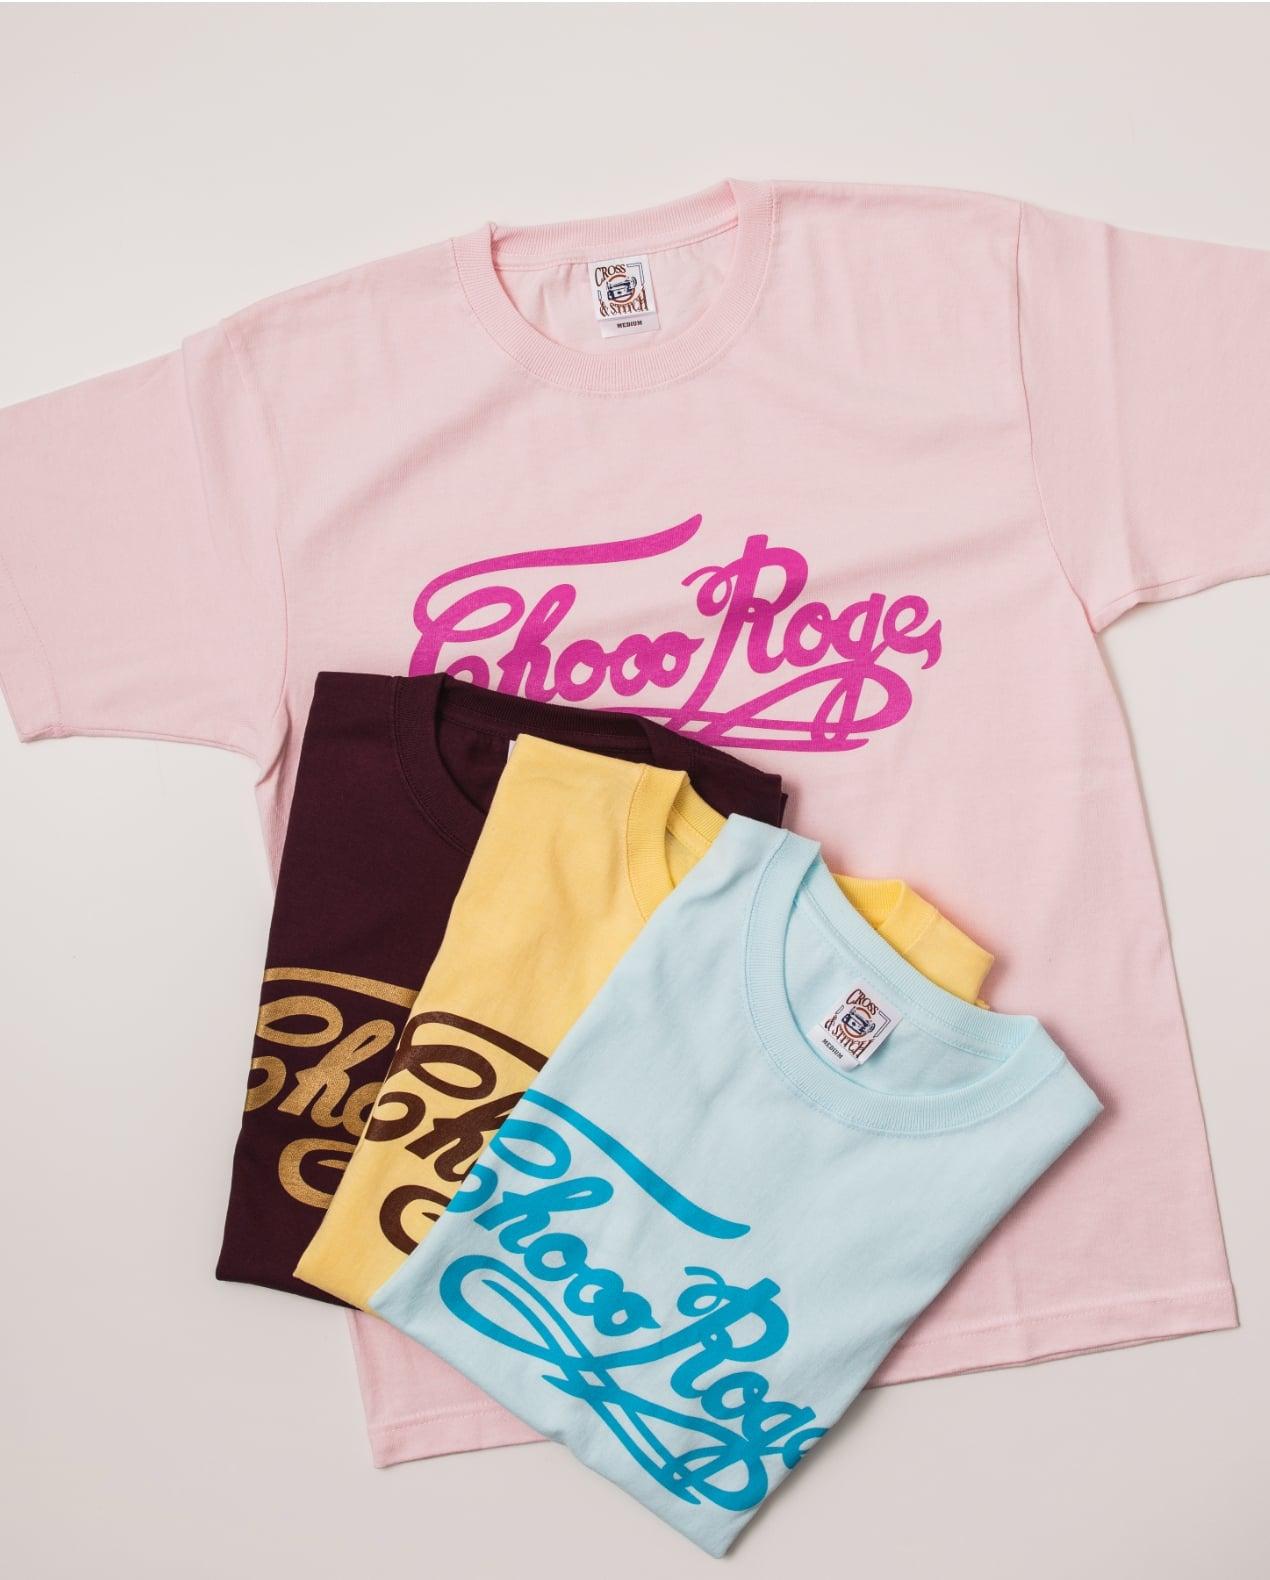 Tシャツ 大人用 水色 サイズS